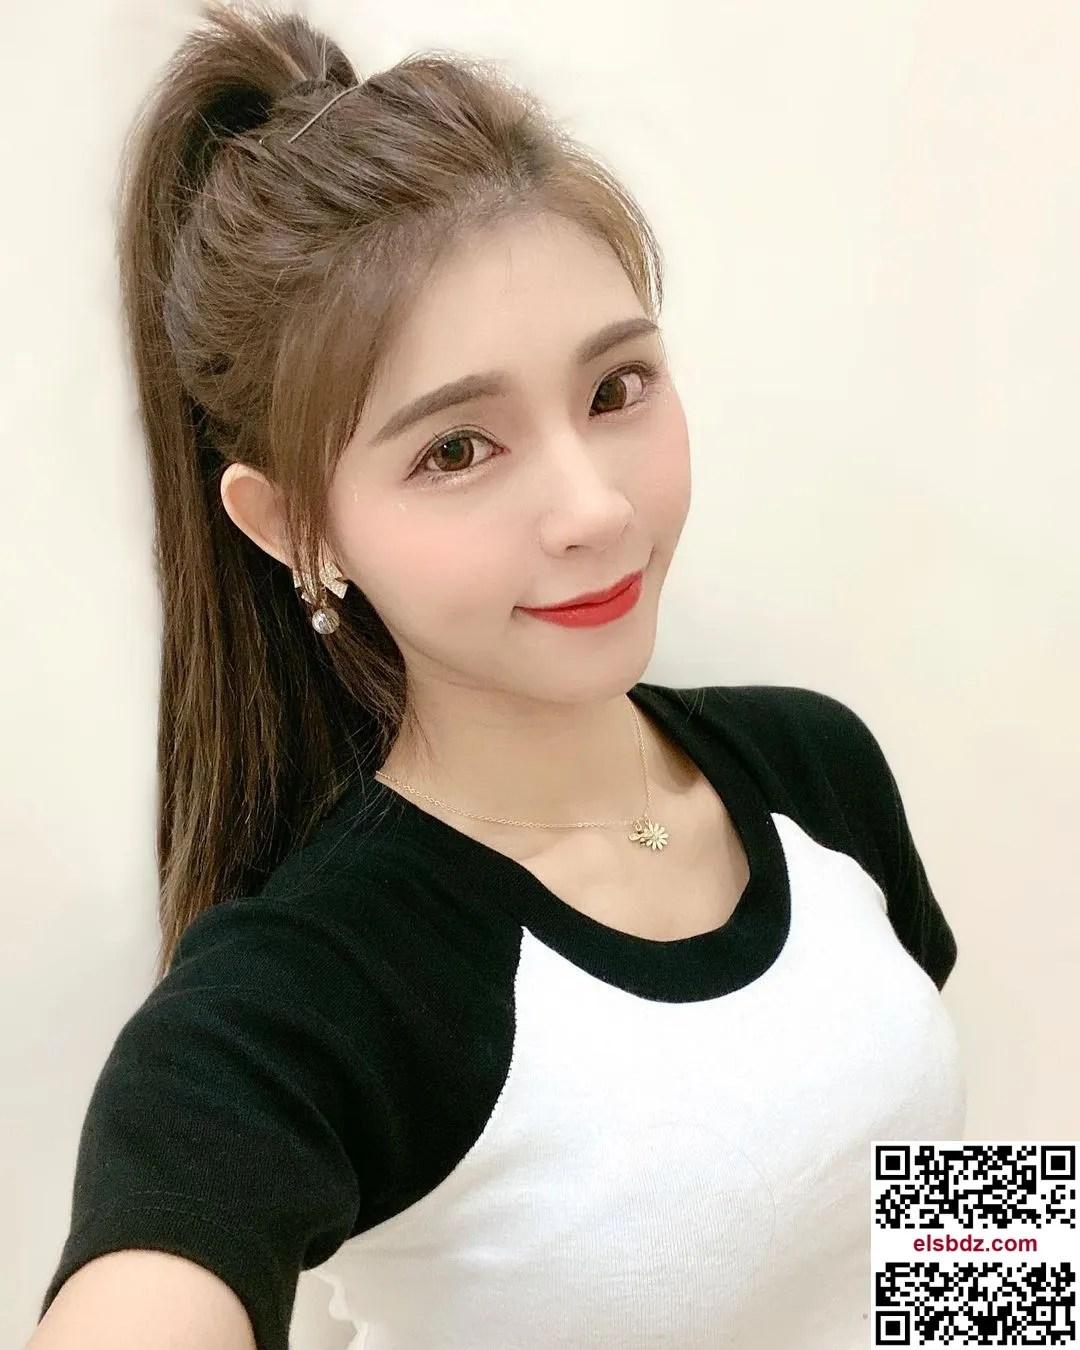 """小清新双马尾正妹""""筱晴"""",让你维持青春活力!插图(7)"""